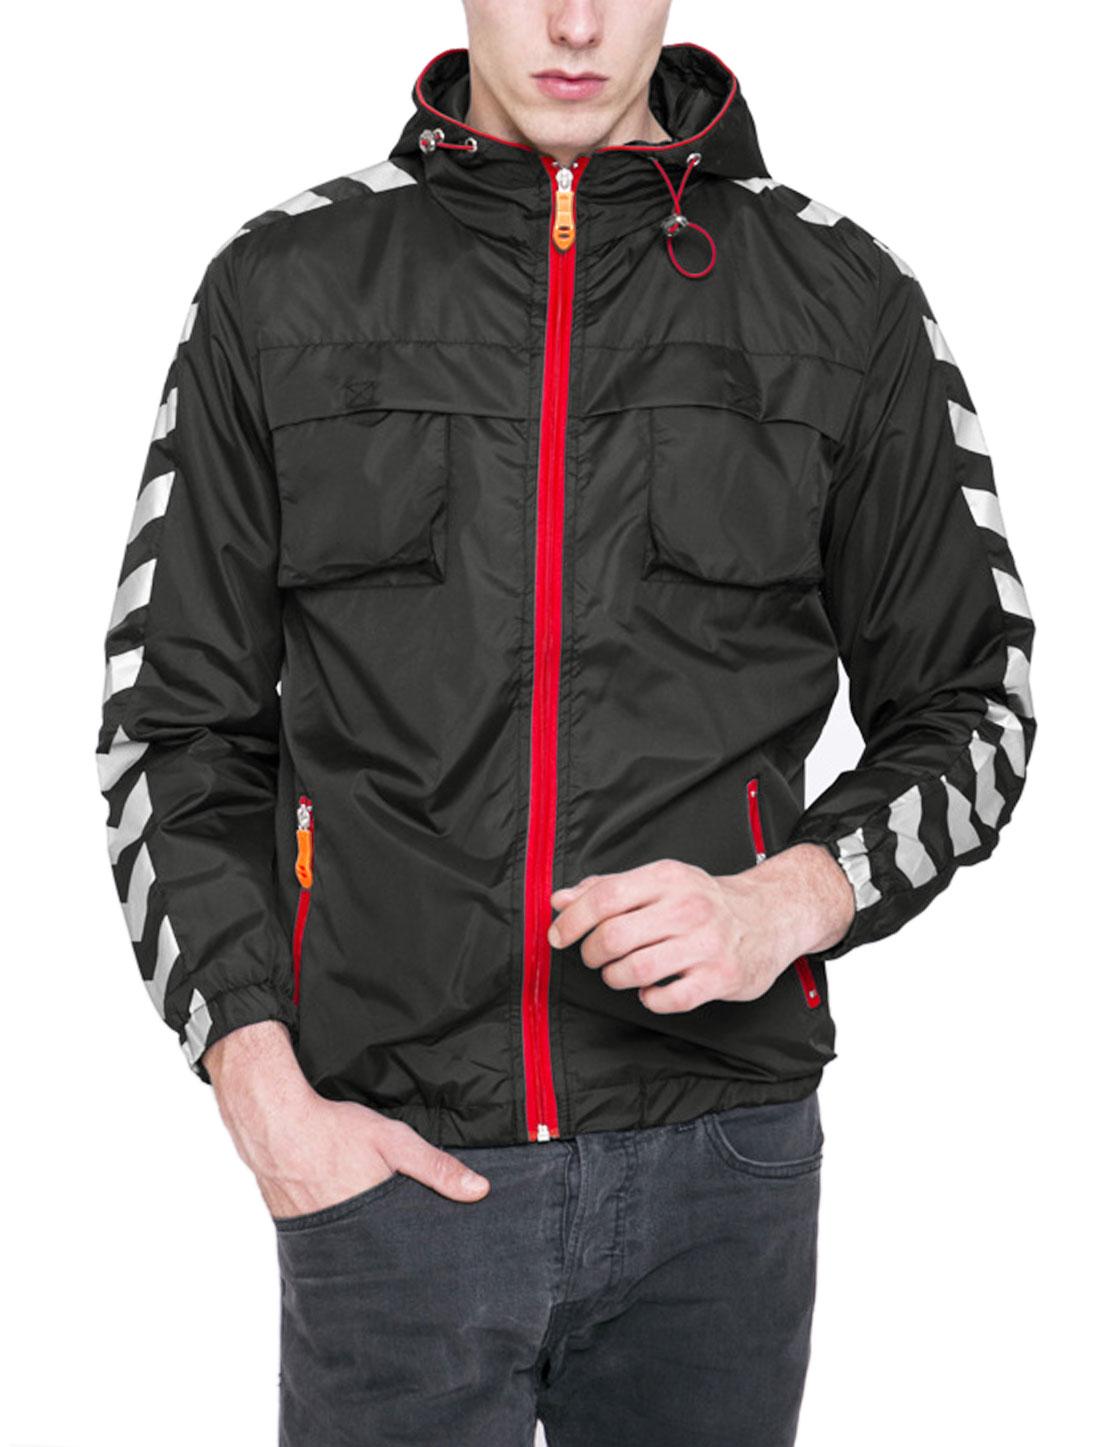 Men Geometric Pattern Two Flap Pockets Zippered Windbreaker Black S